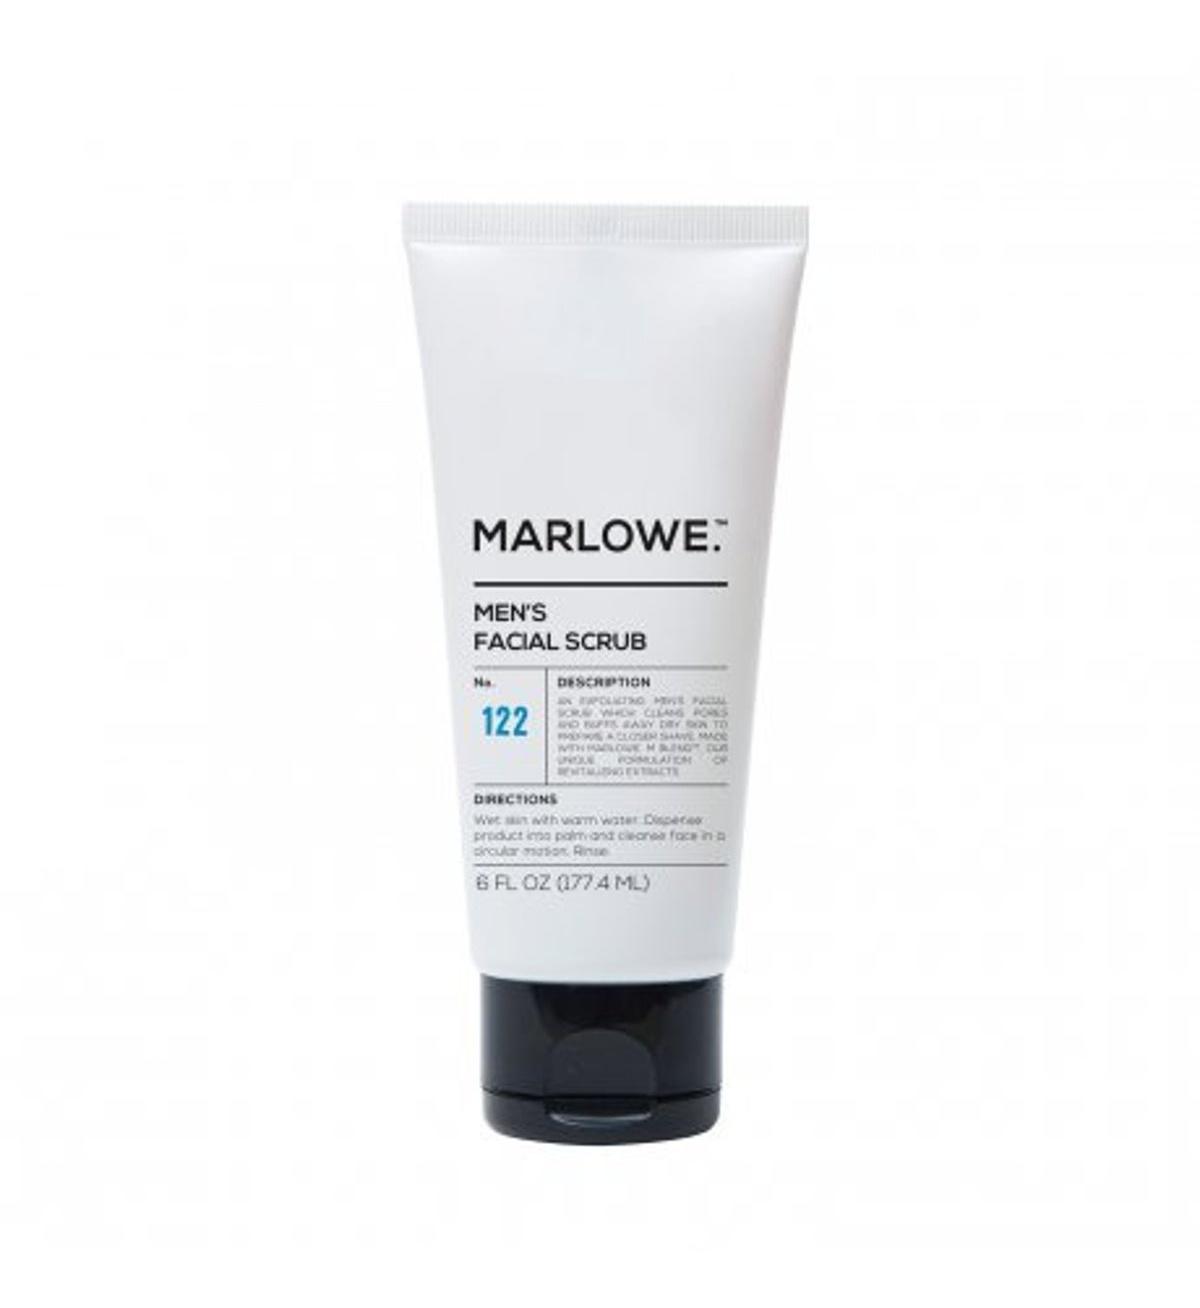 Marlowe Facial Scrub